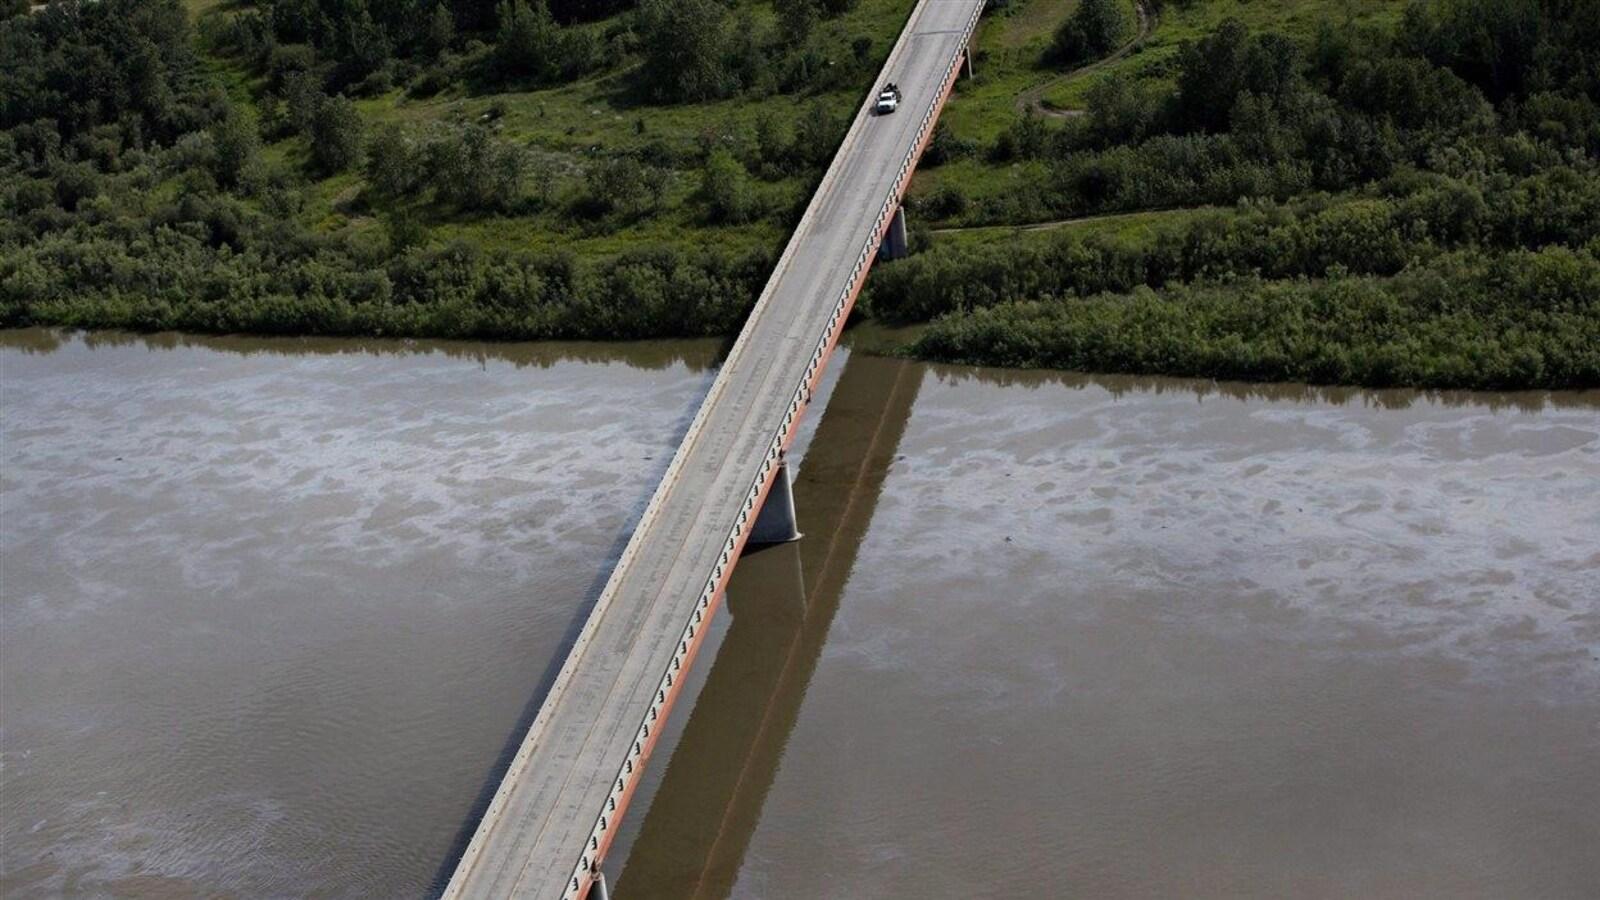 Vue aérienne de la nappe de pétrole sur la rivière Saskatchewan Nord. La rivière coule sous un pont qui mène à une rive boisée.